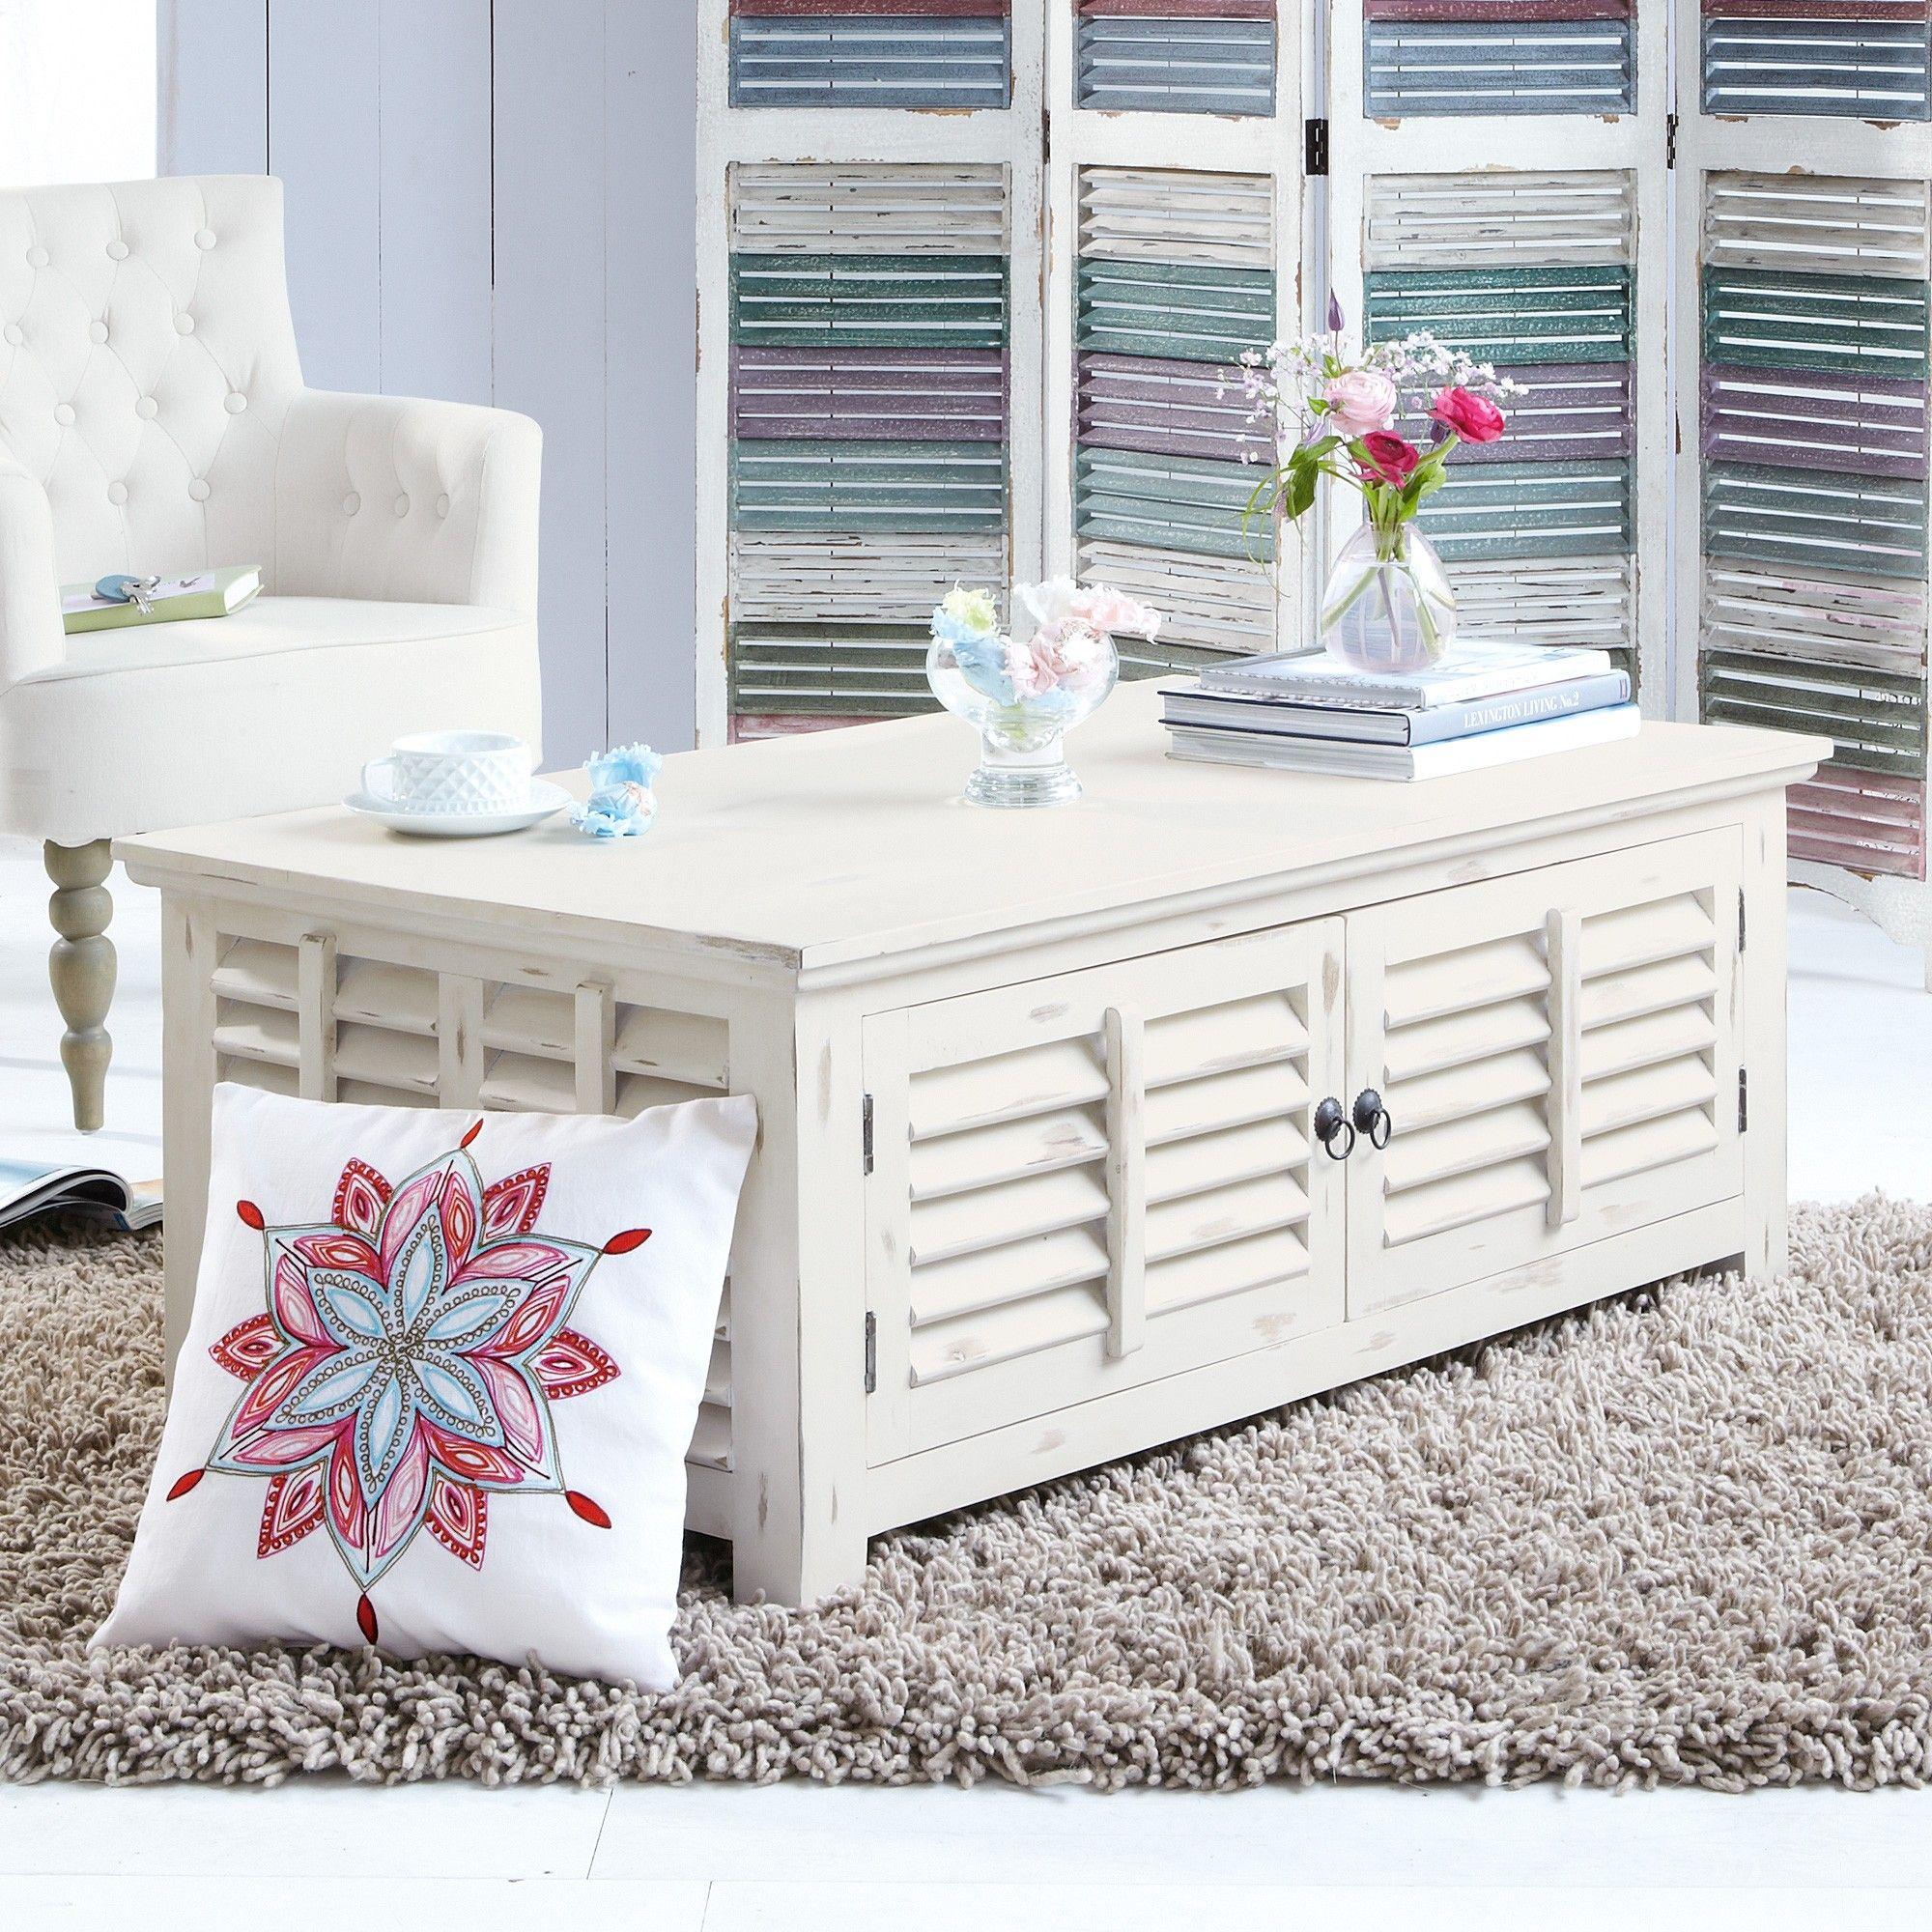 couchtisch weiss landhaus stil zuk nftige projekte. Black Bedroom Furniture Sets. Home Design Ideas